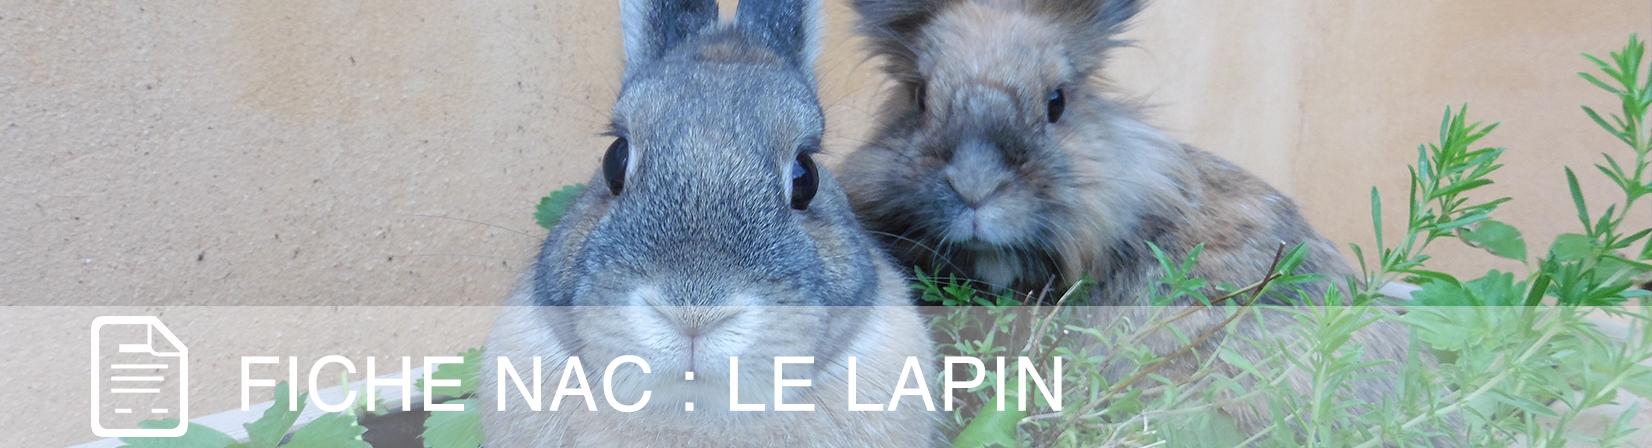 fiche-nac-lapin-1